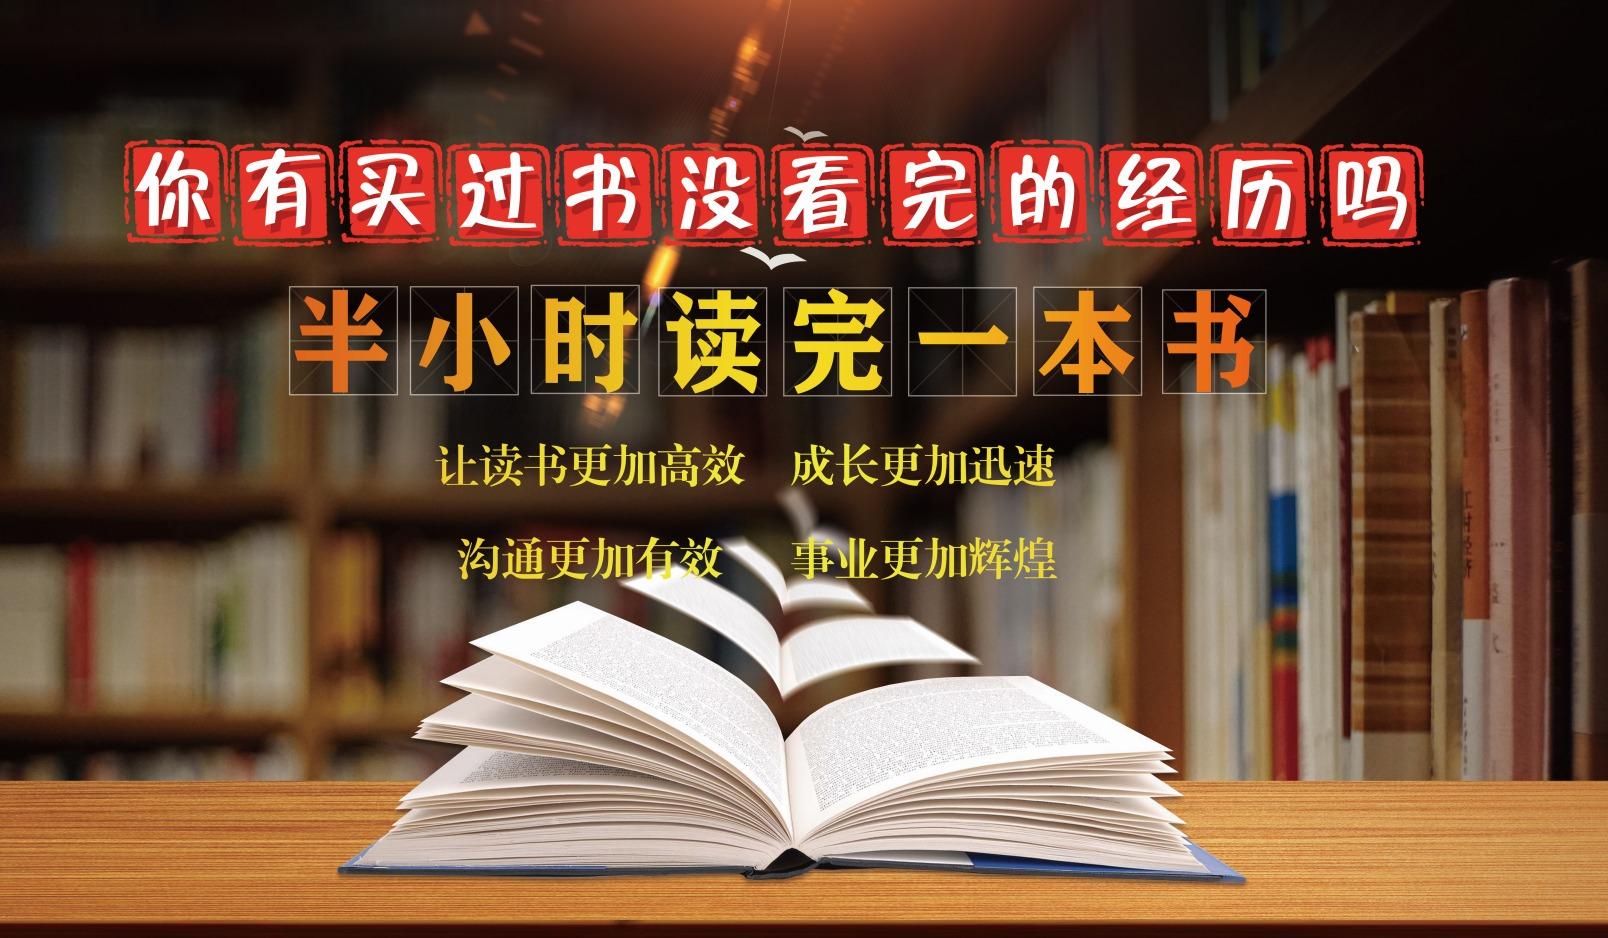 高效读书法【教你30分钟读完一本书,任何课程听一遍就掌握】独家版权